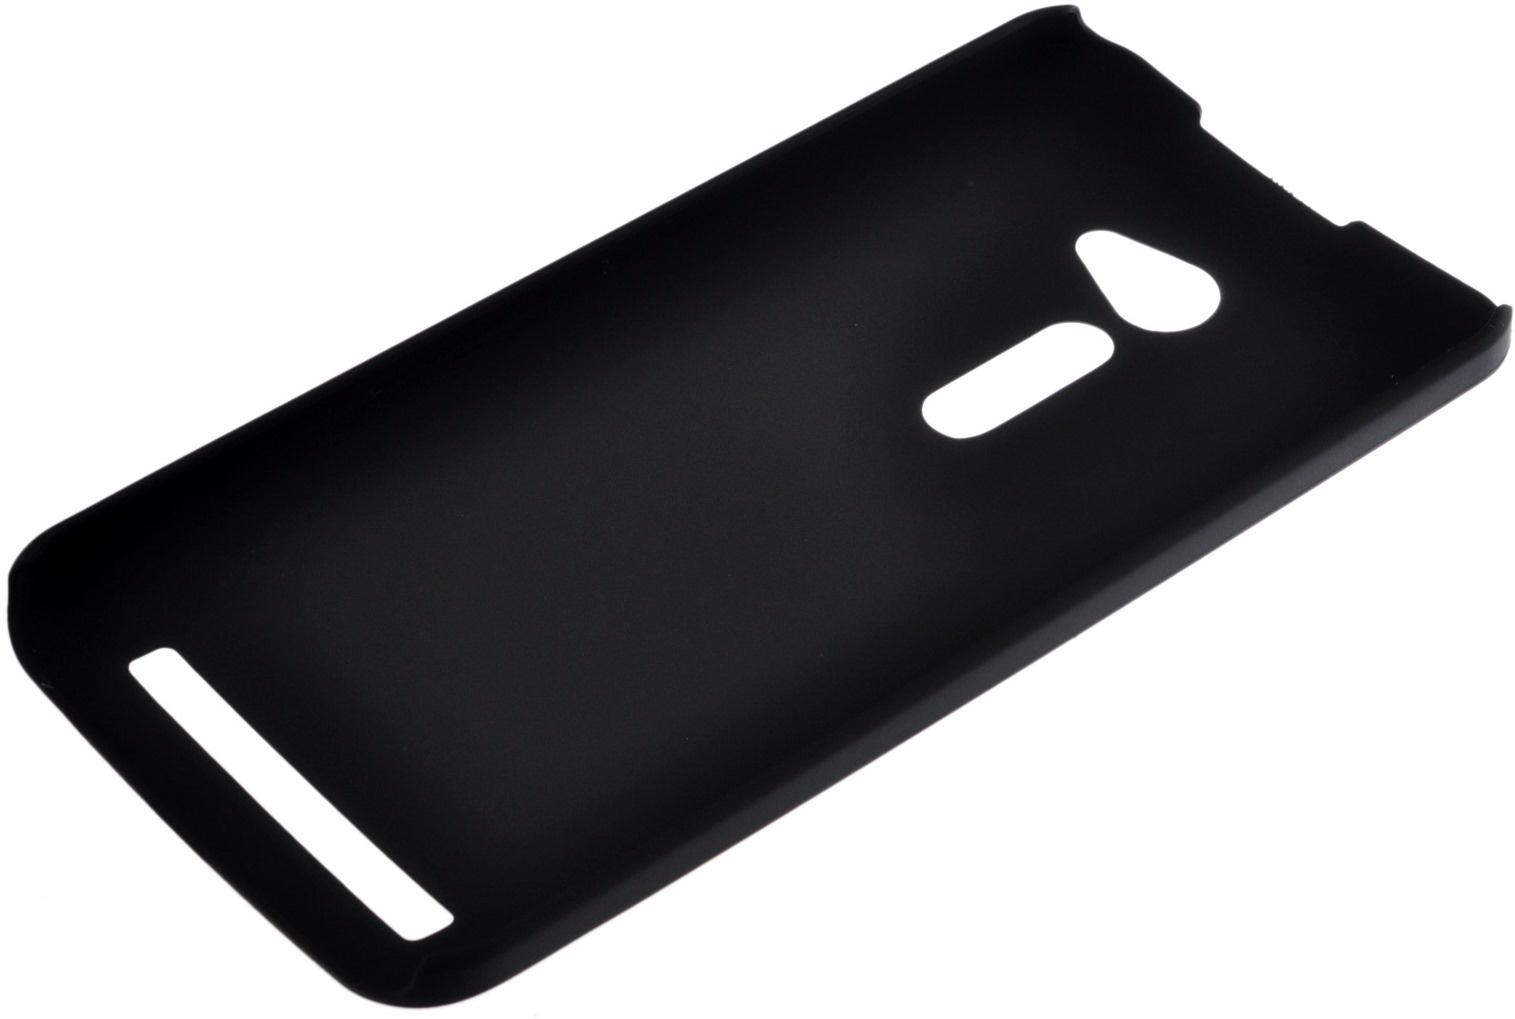 цена на Чехол для сотового телефона skinBOX 4People, 4660041406917, черный